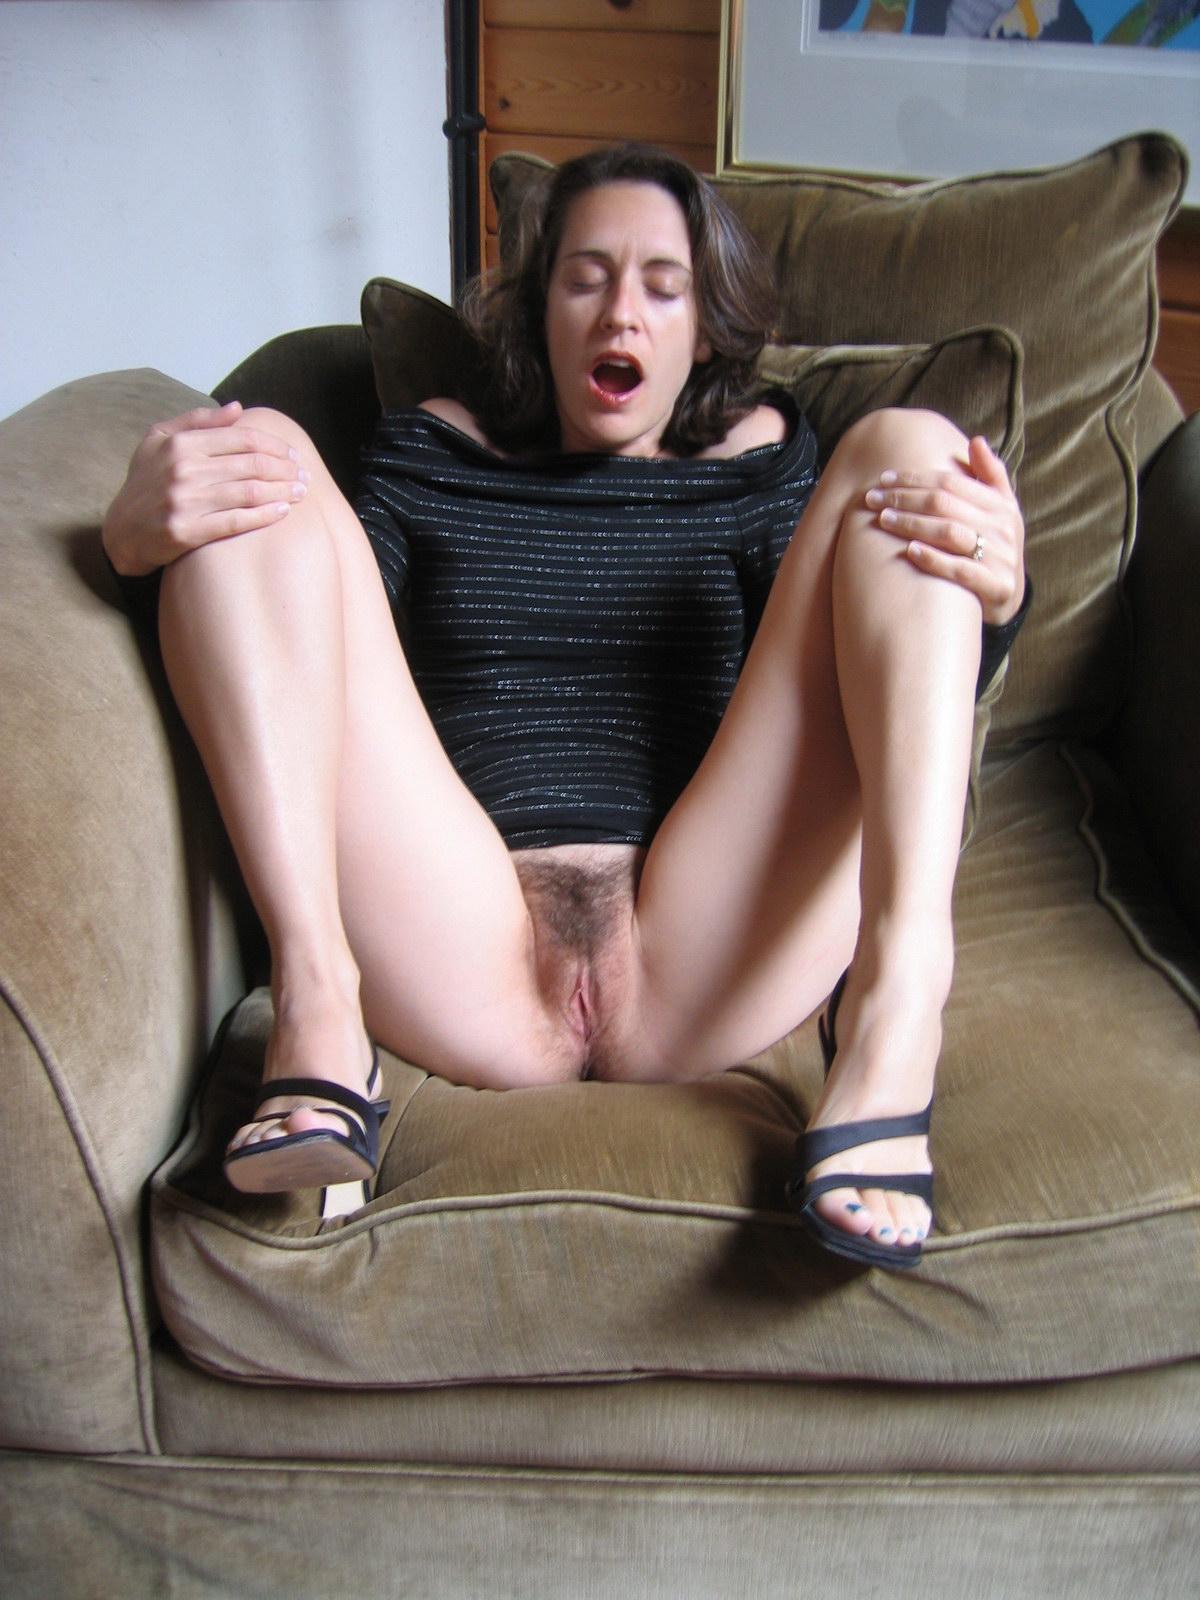 nude amateur on sofa